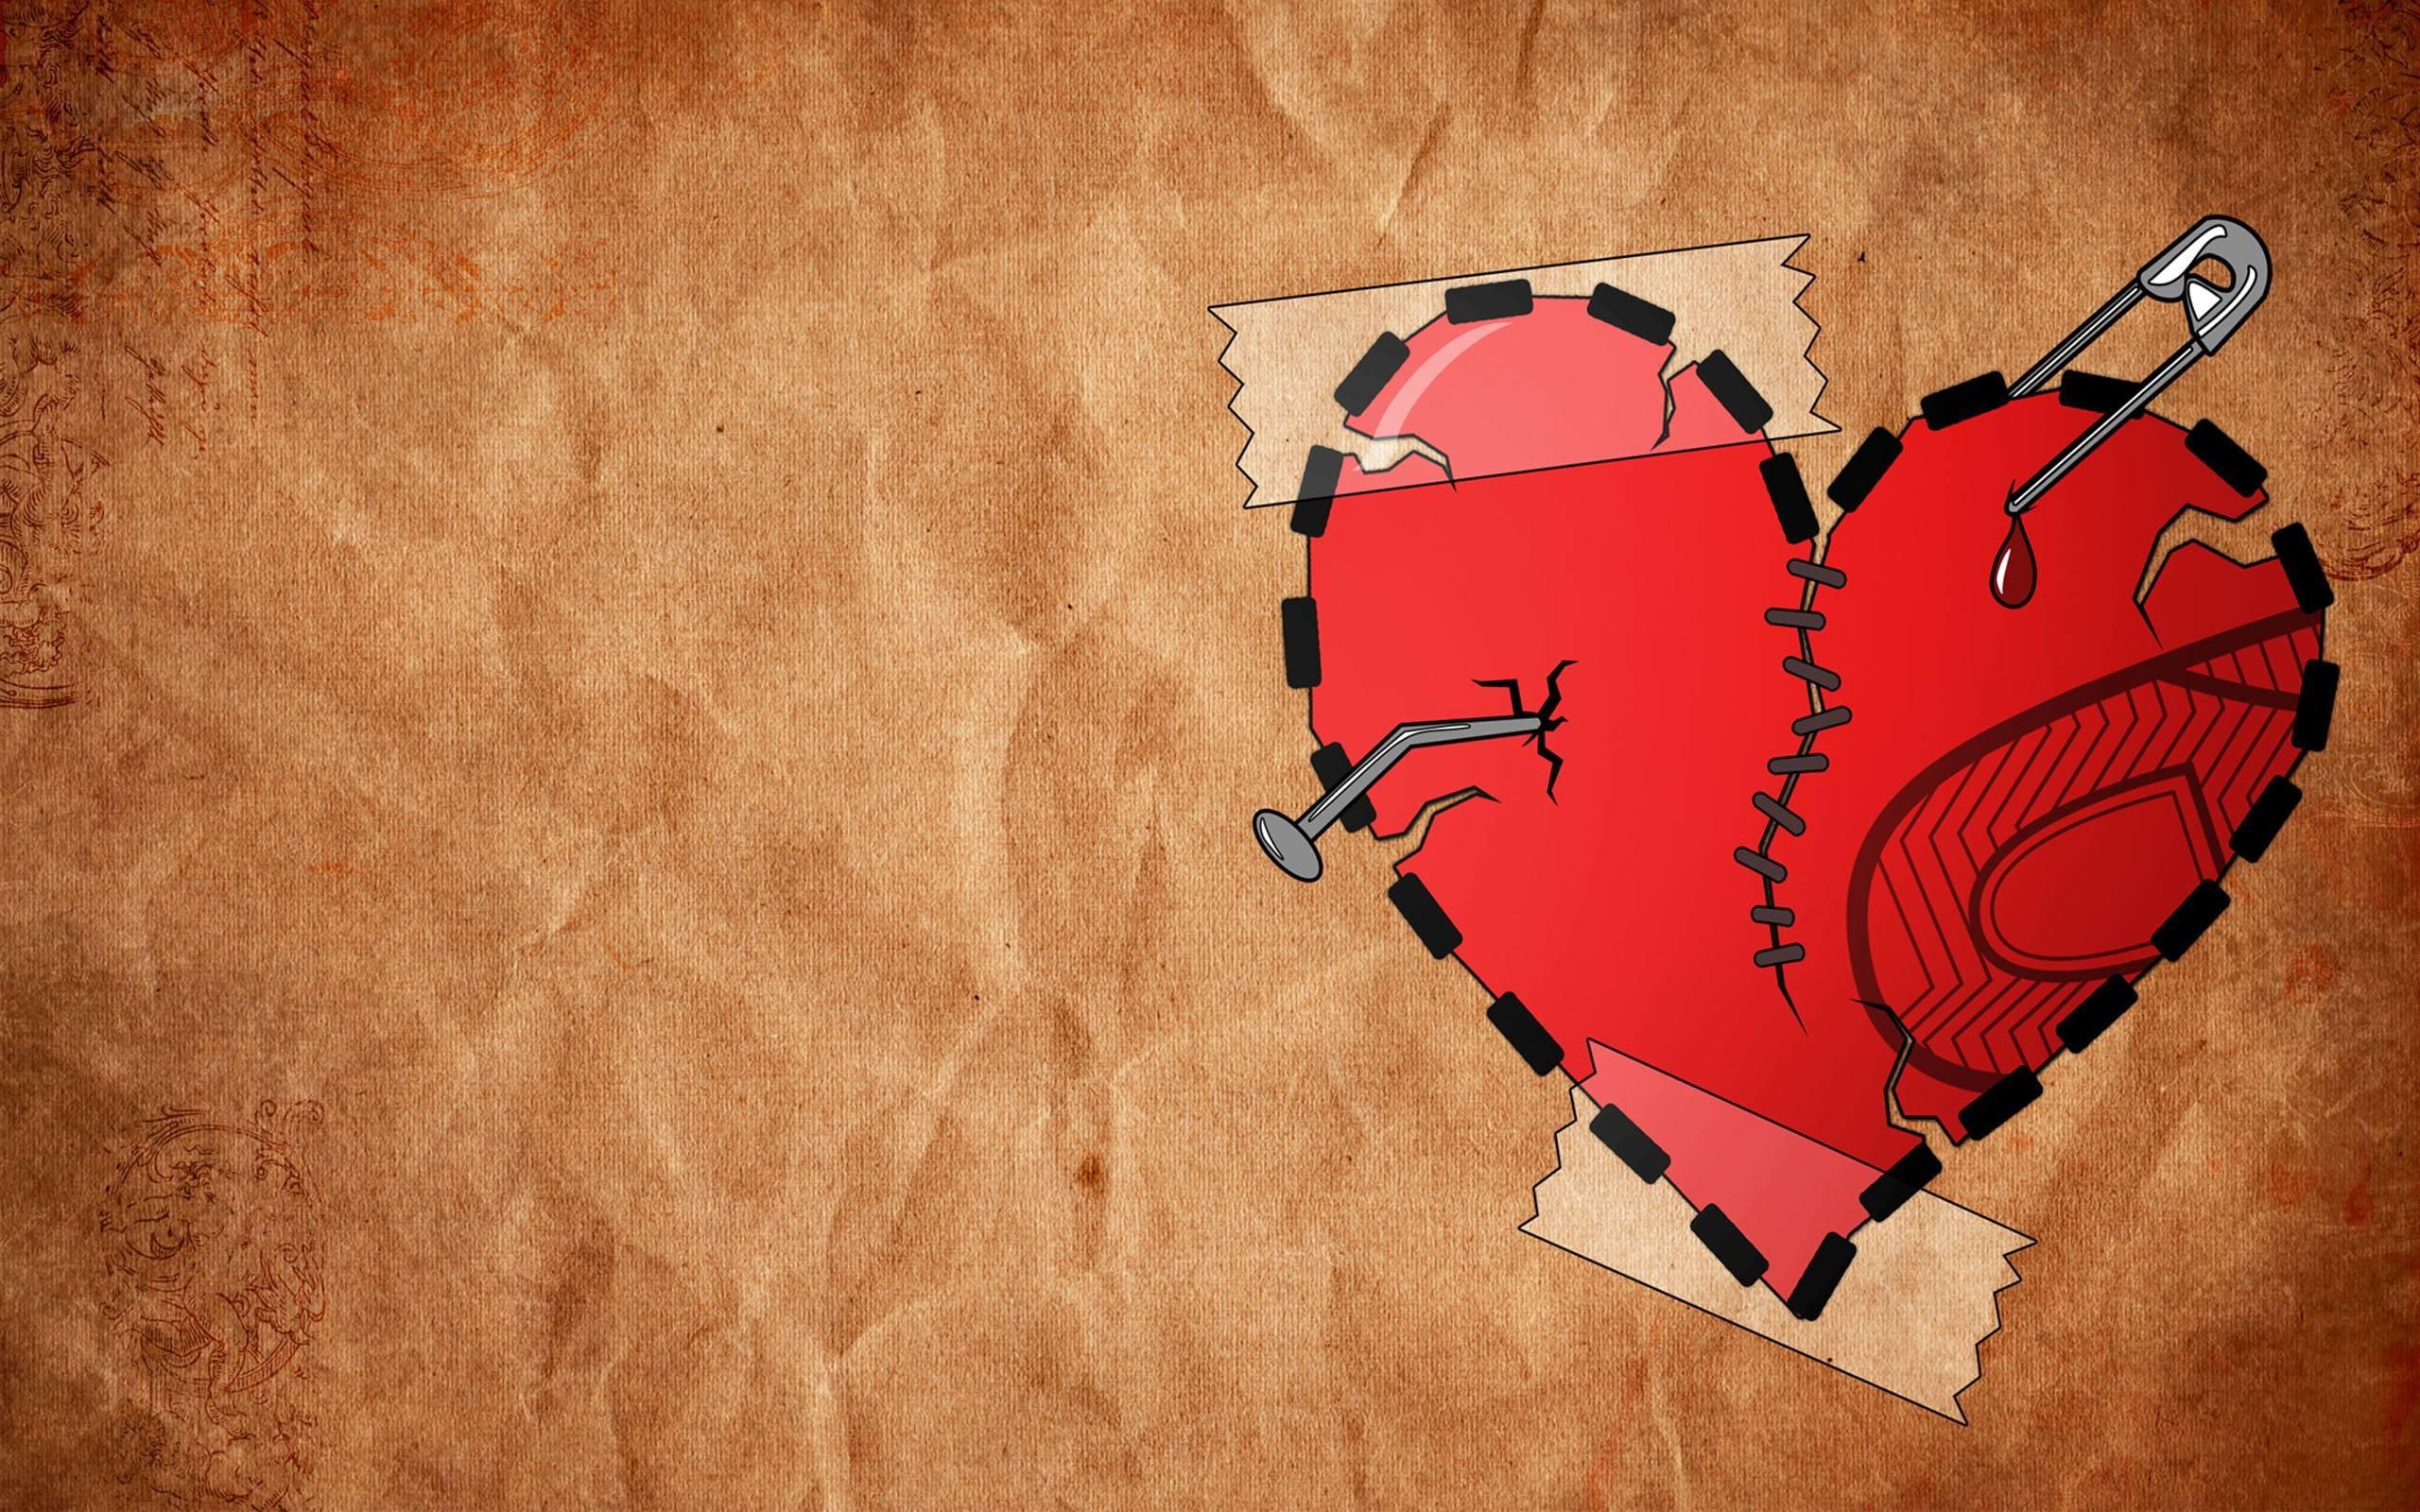 Res: 2560x1600, Broken Heart Wallpaper For Iphone #7010 Wallpaper | awshdwallpapers.